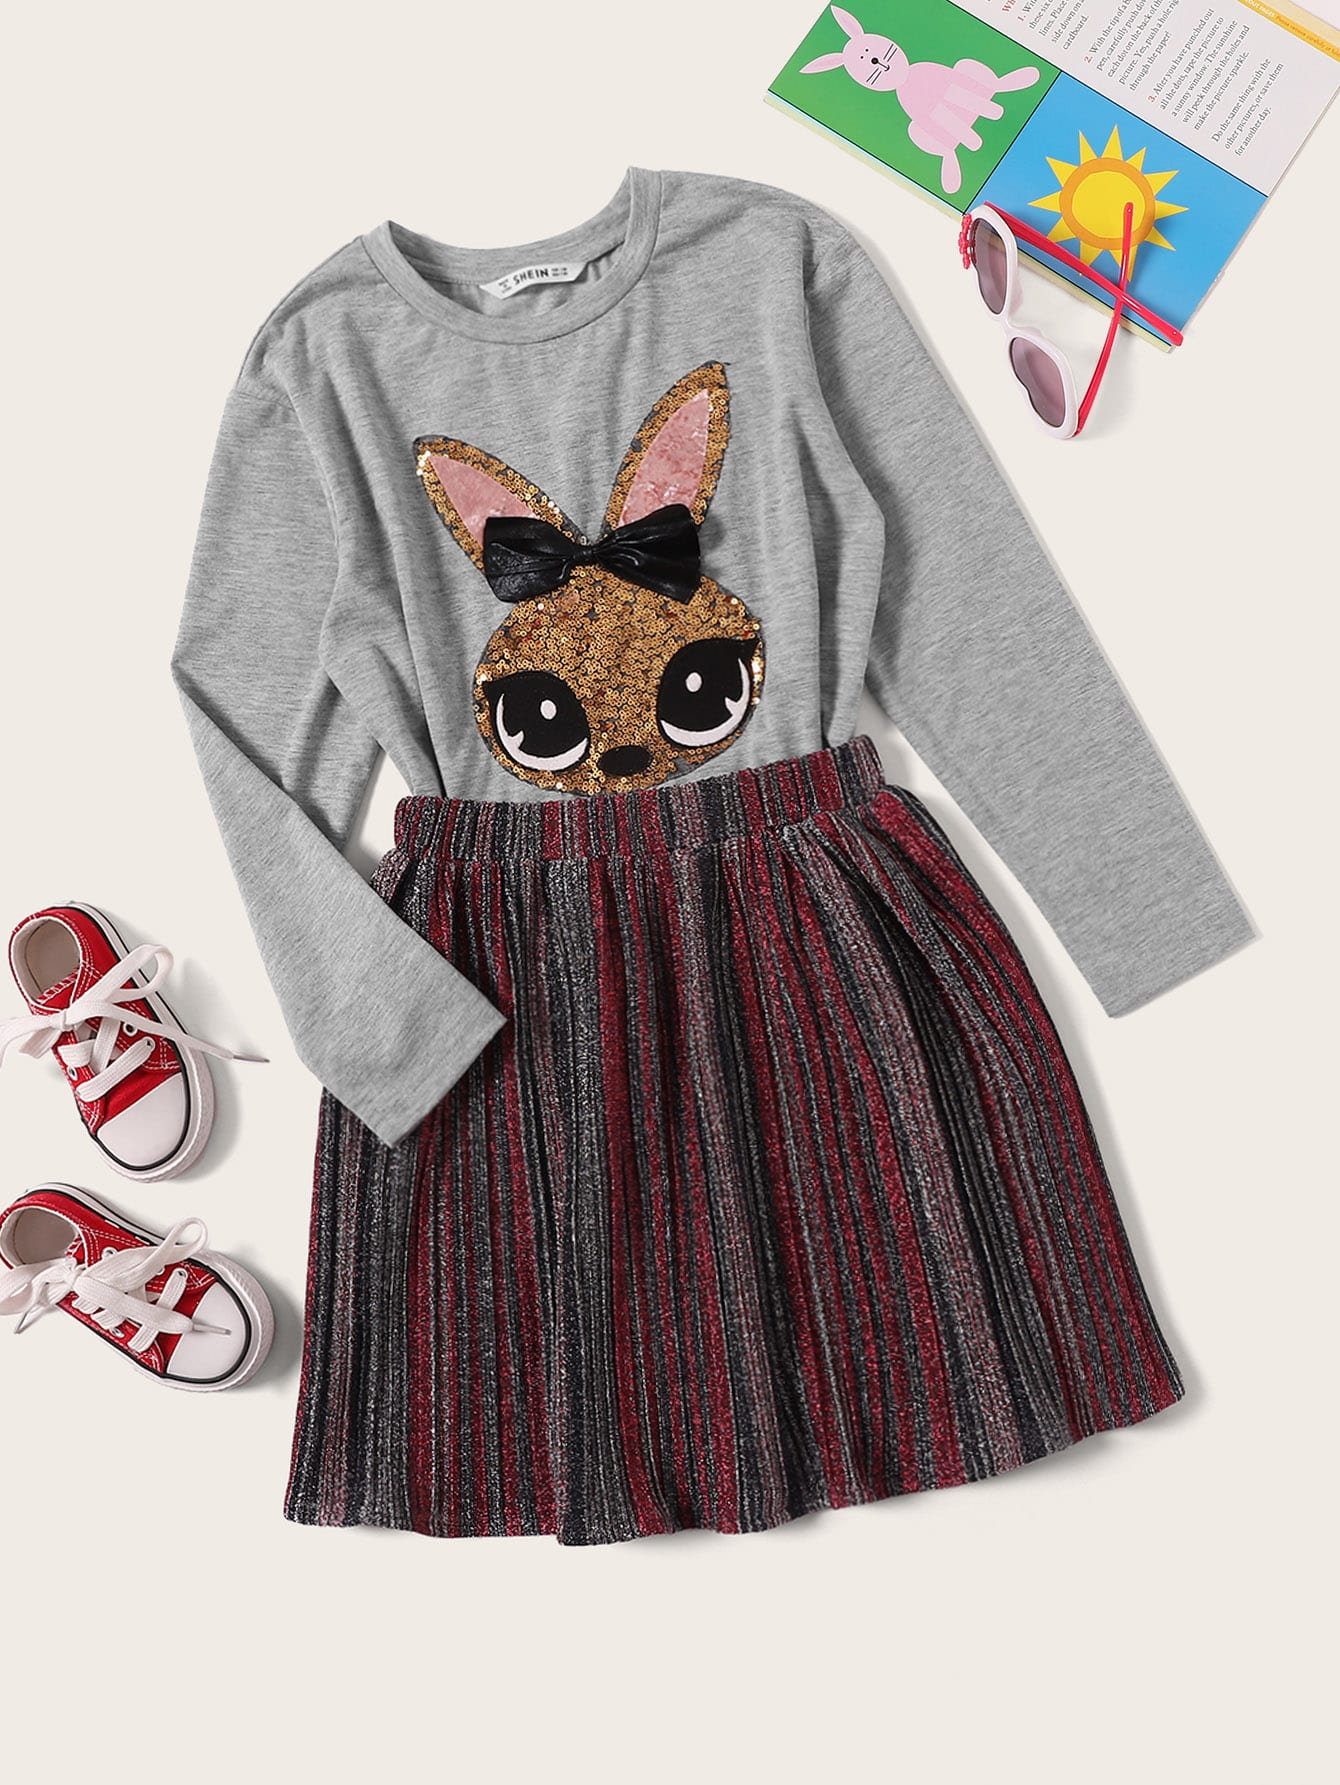 Купить Футболка с принтом кролика пайетки и блестящая юбка для девочек, null, SheIn